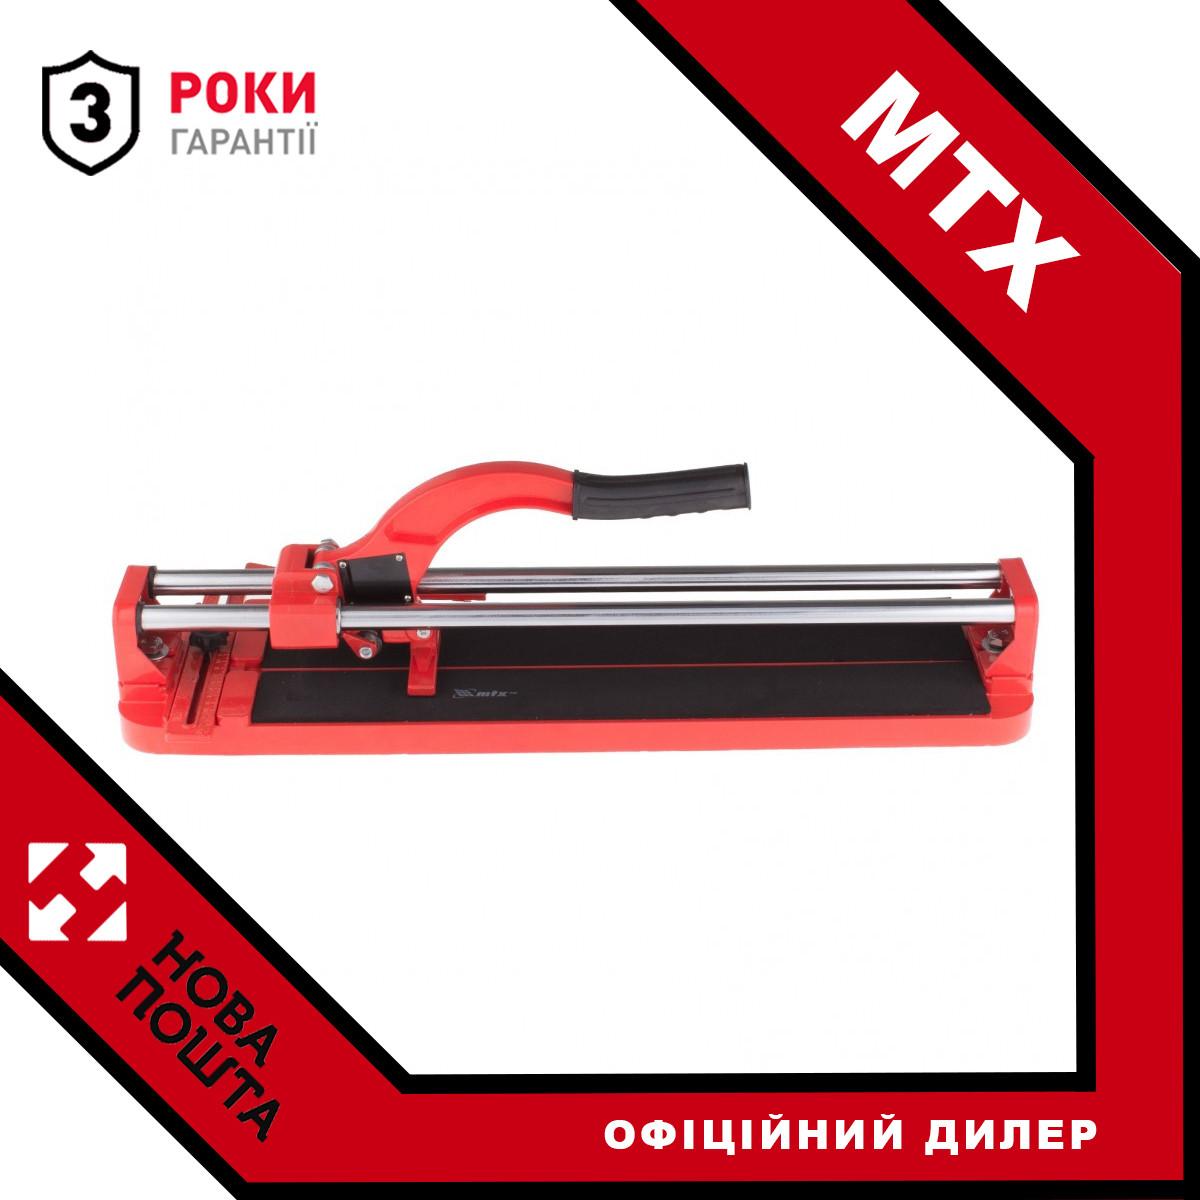 Плиткоріз MTX 600 мм + В подарунок ролик!